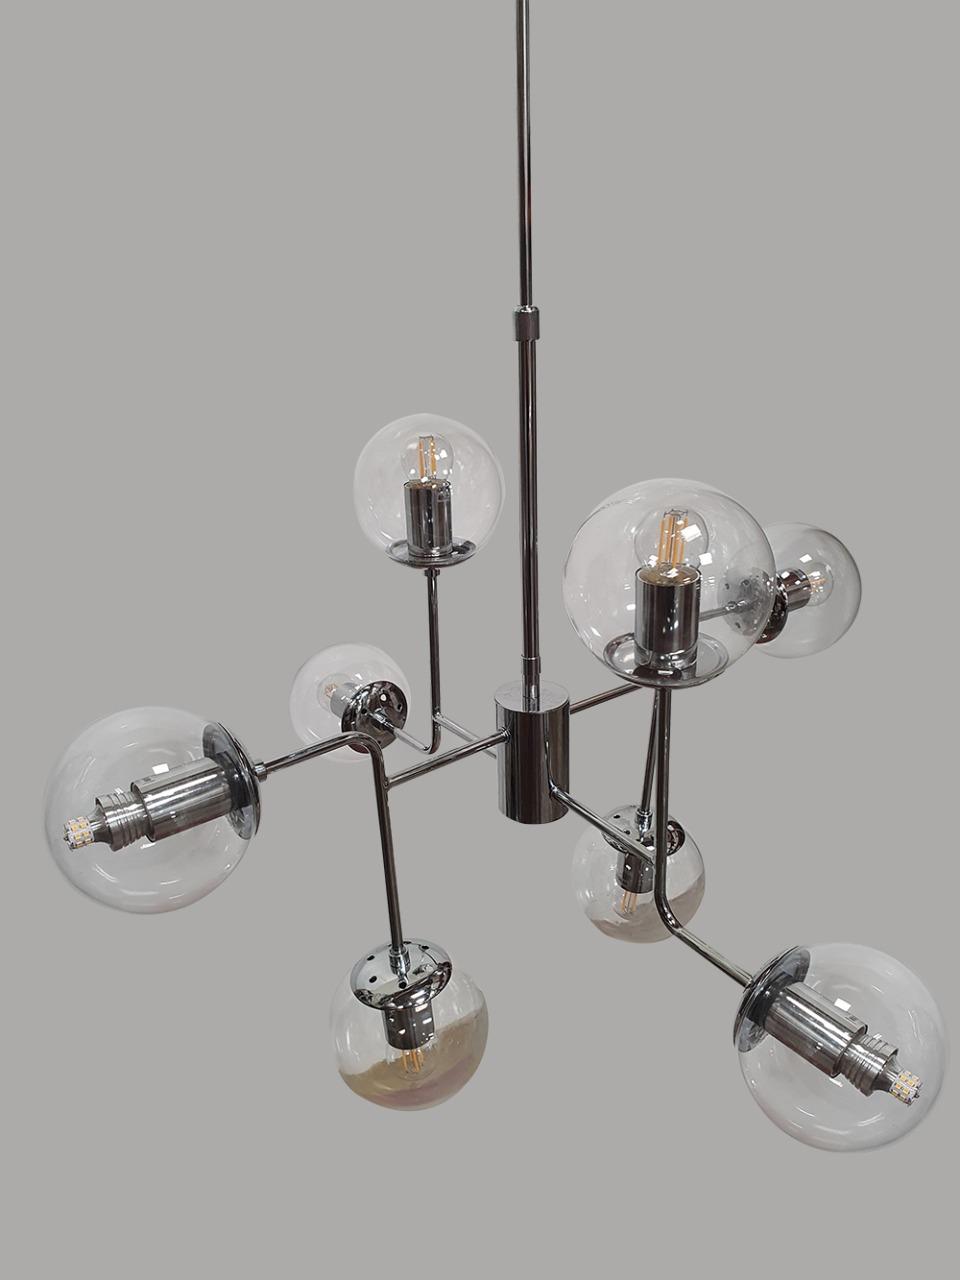 Pendente Moderno 10 Lâmp 73cm Cromado Com Cúpulas de Vidro BL